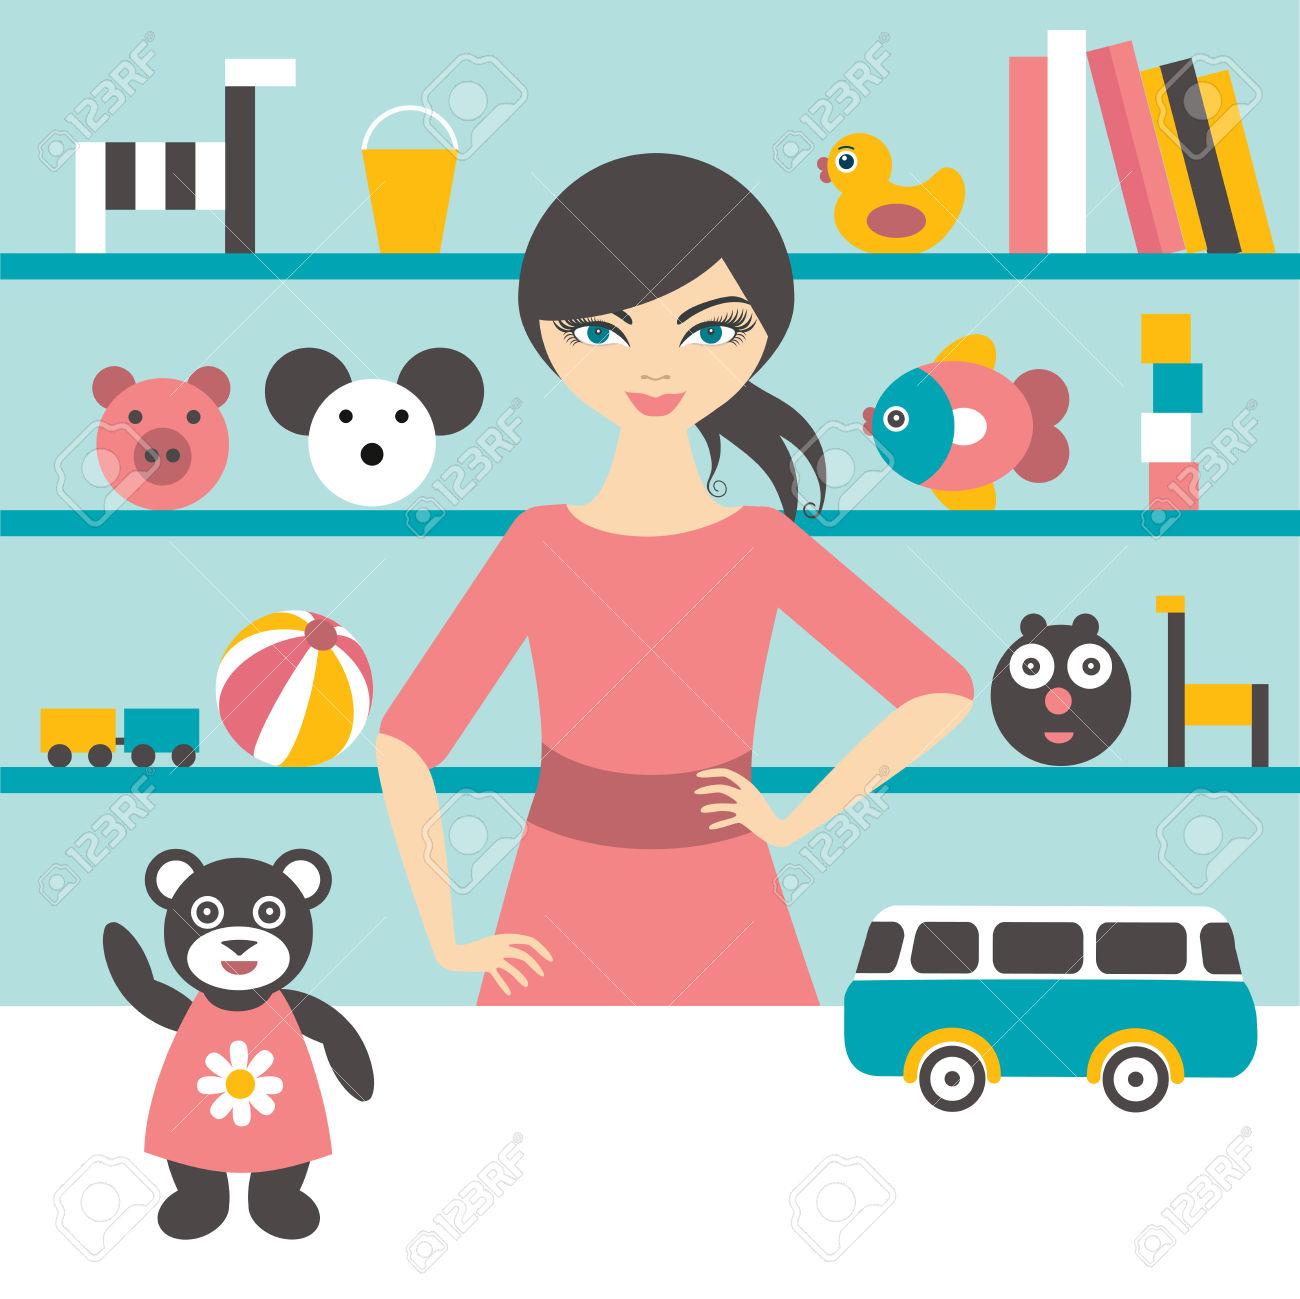 Sales clerk clipart jpg black and white stock 1,191 Sales Clerk Cliparts, Stock Vector And Royalty Free Sales ... jpg black and white stock